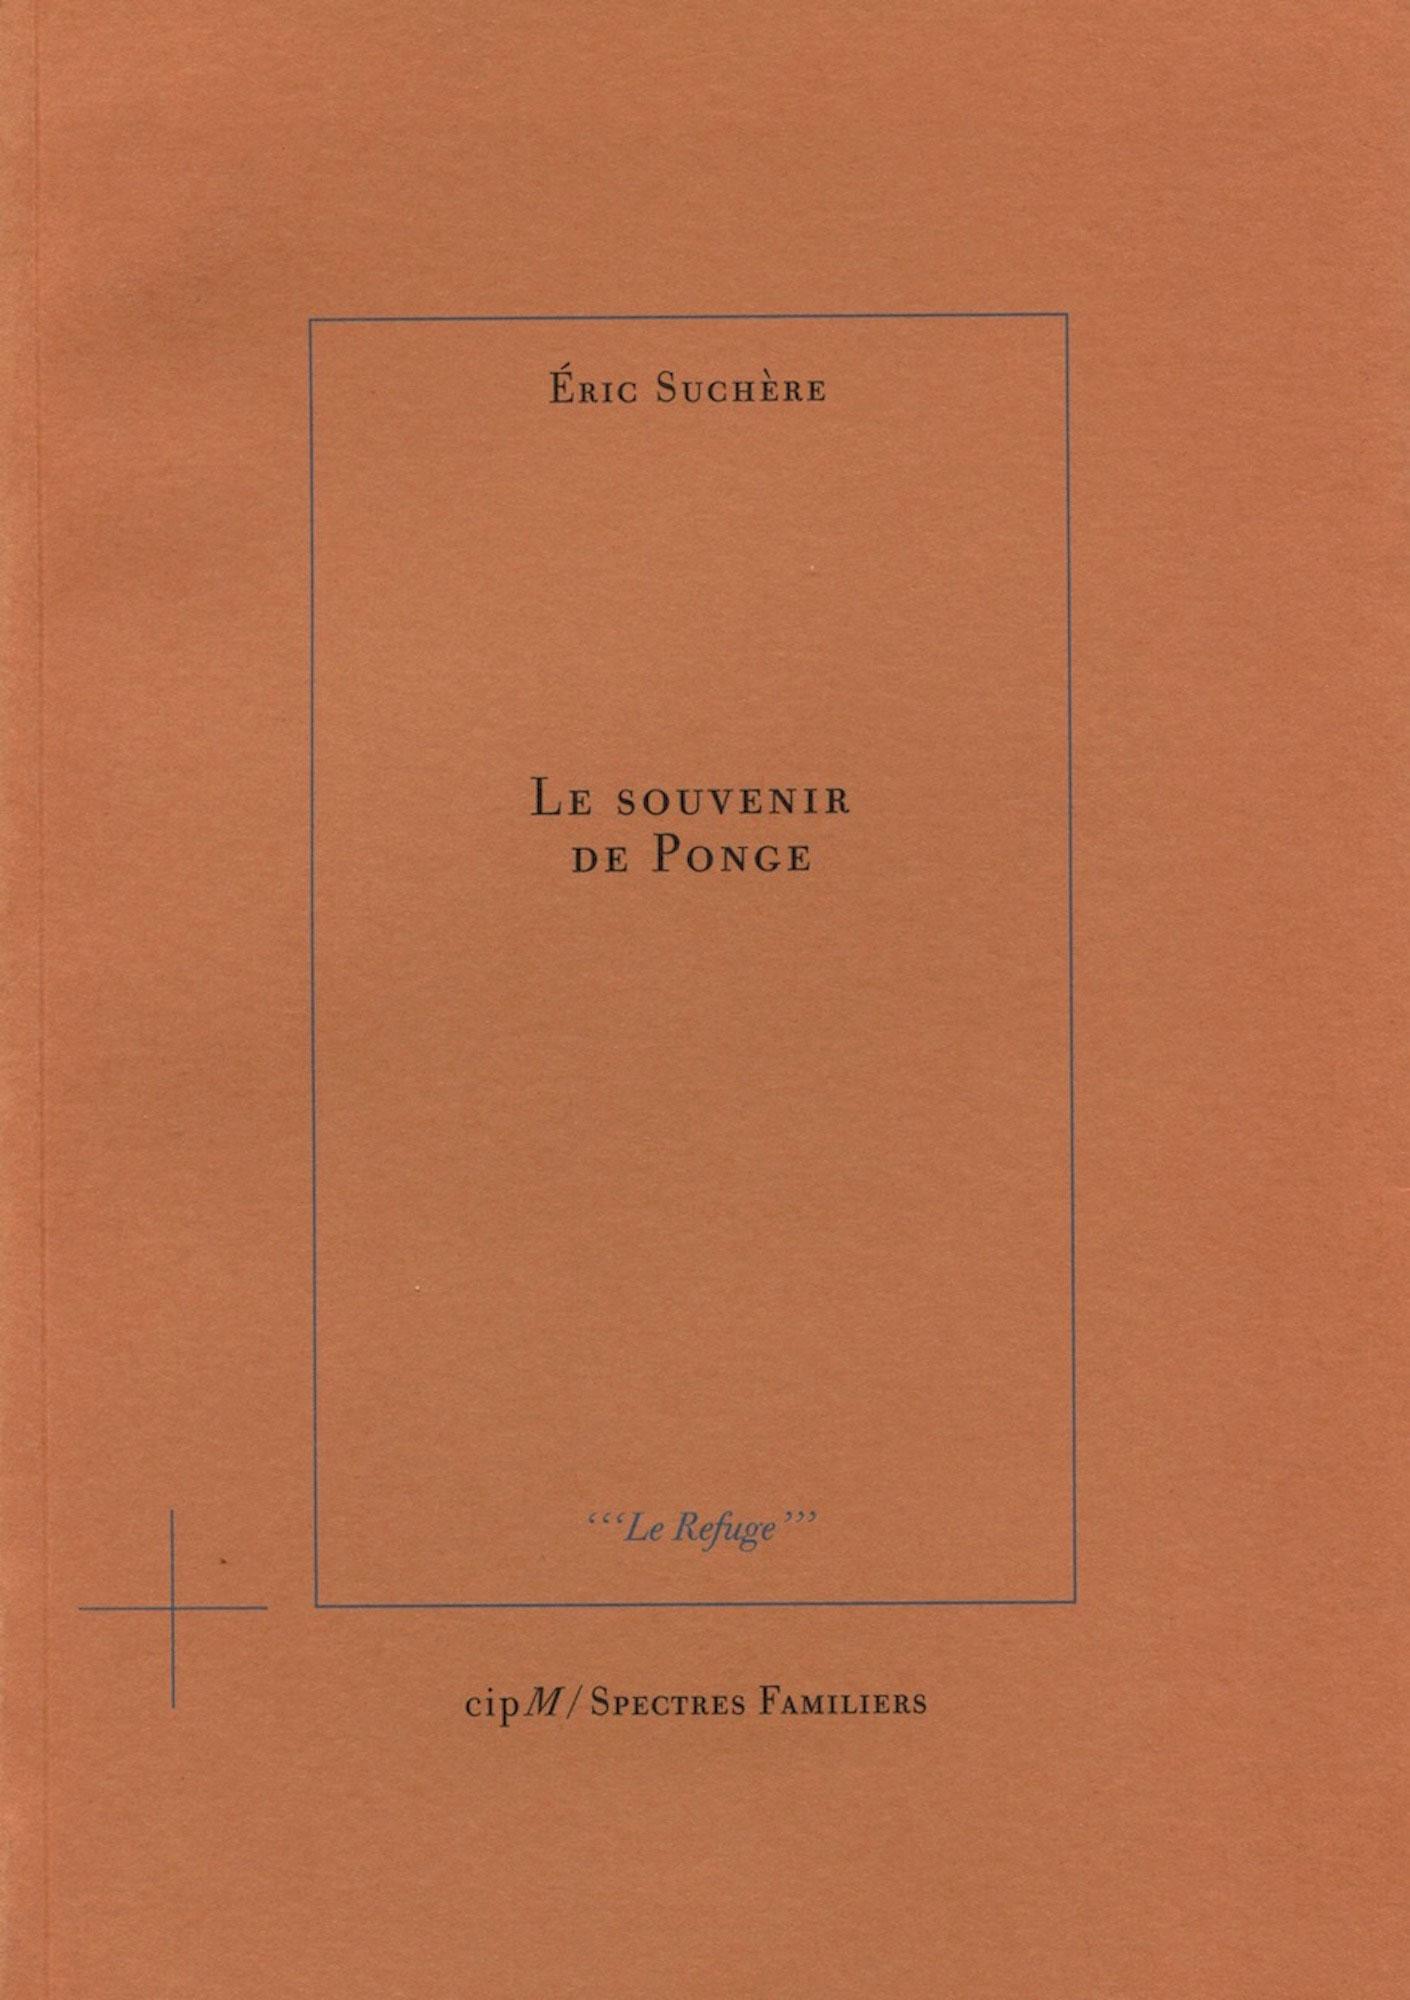 Éric Suchère, Le Souvenir de Ponge, cipM / Spectres Familiers (couverture)